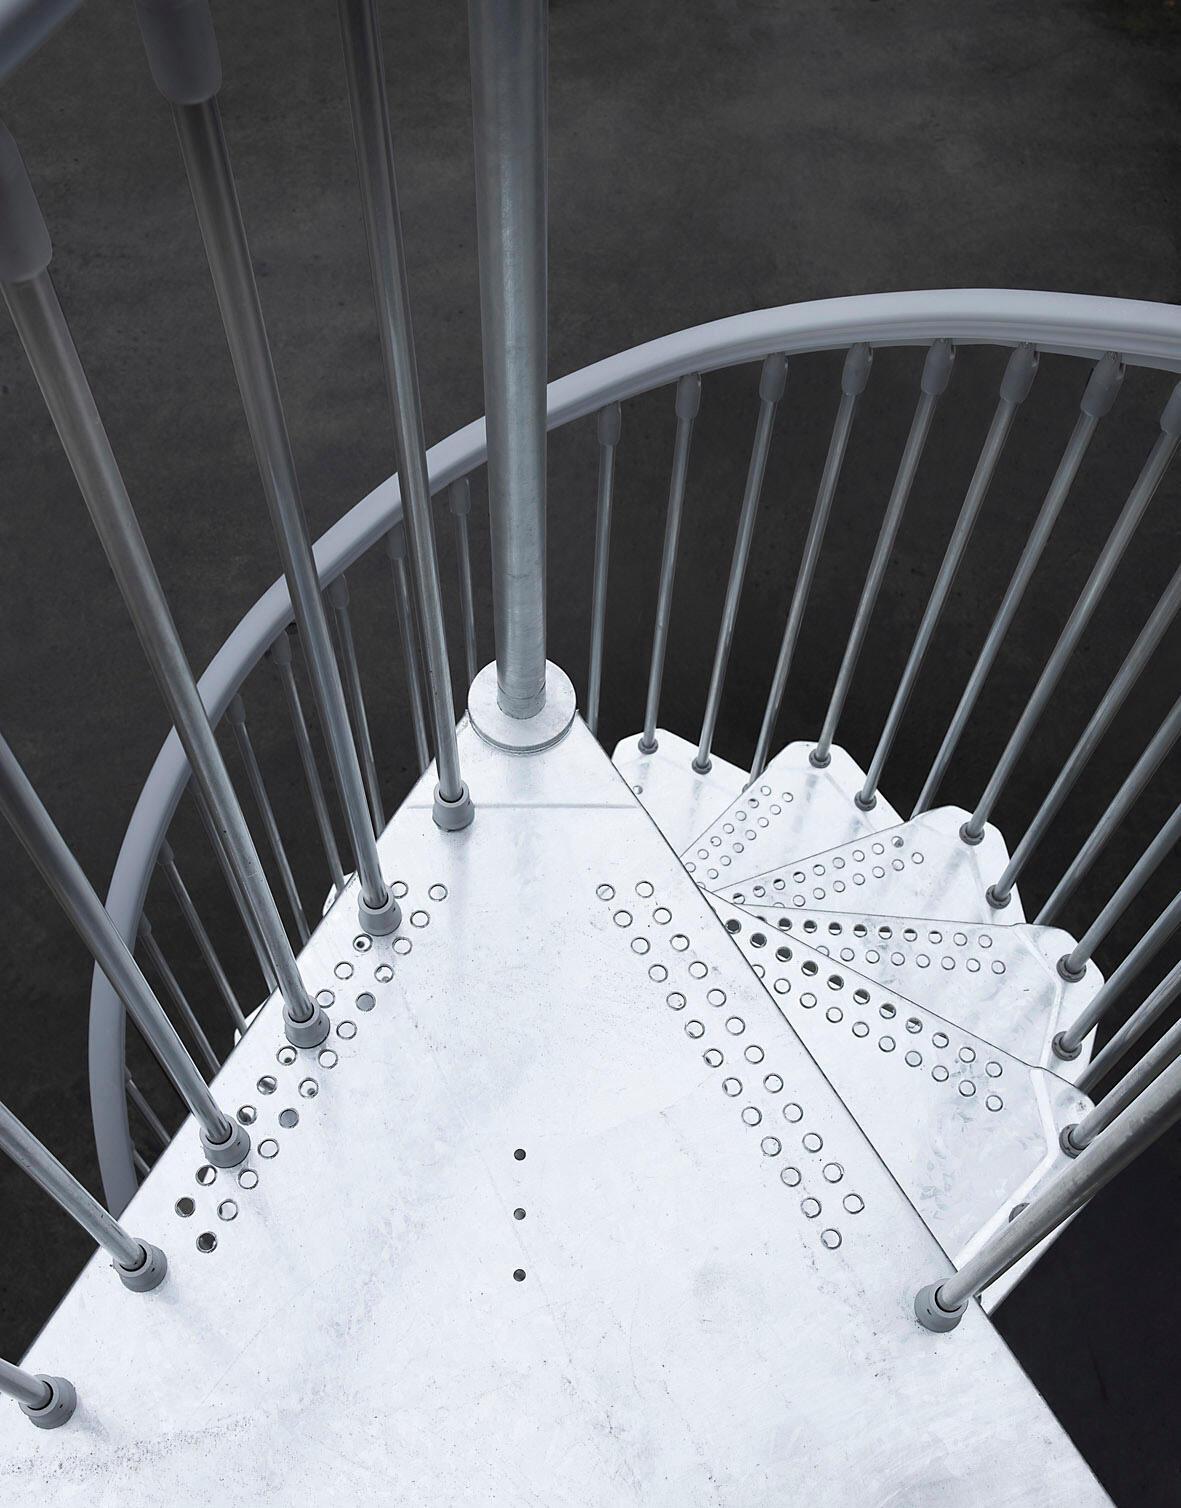 Scala a chiocciola tonda Steel Zink FONTANOT L 120 cm, gradino grigio zincato, struttura grigio zincato - 4